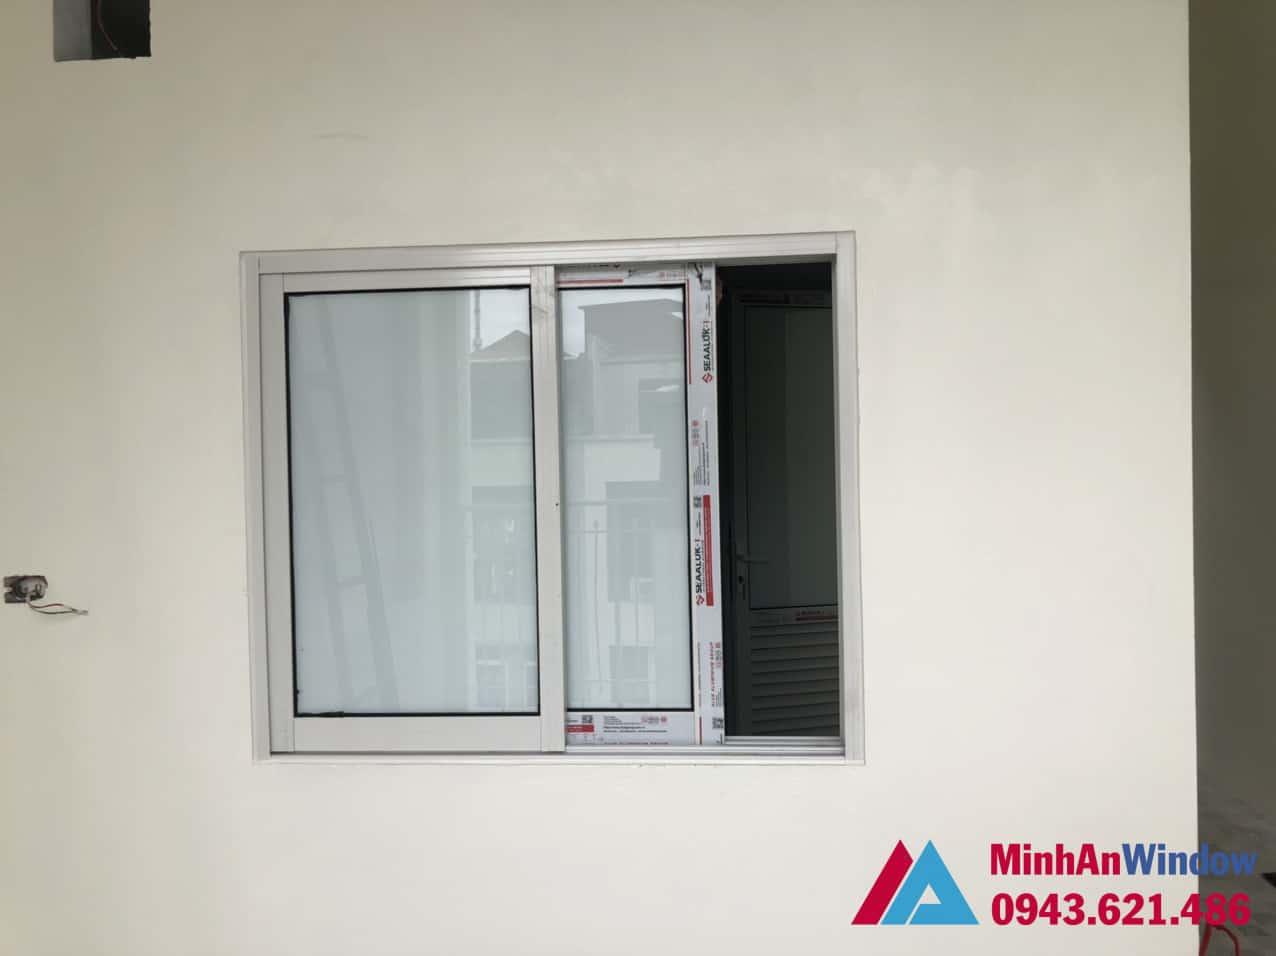 Mẫu cửa sổ nhôm kính 2 cánh Minh An Window lắp đặt tại huyện Ba Vì